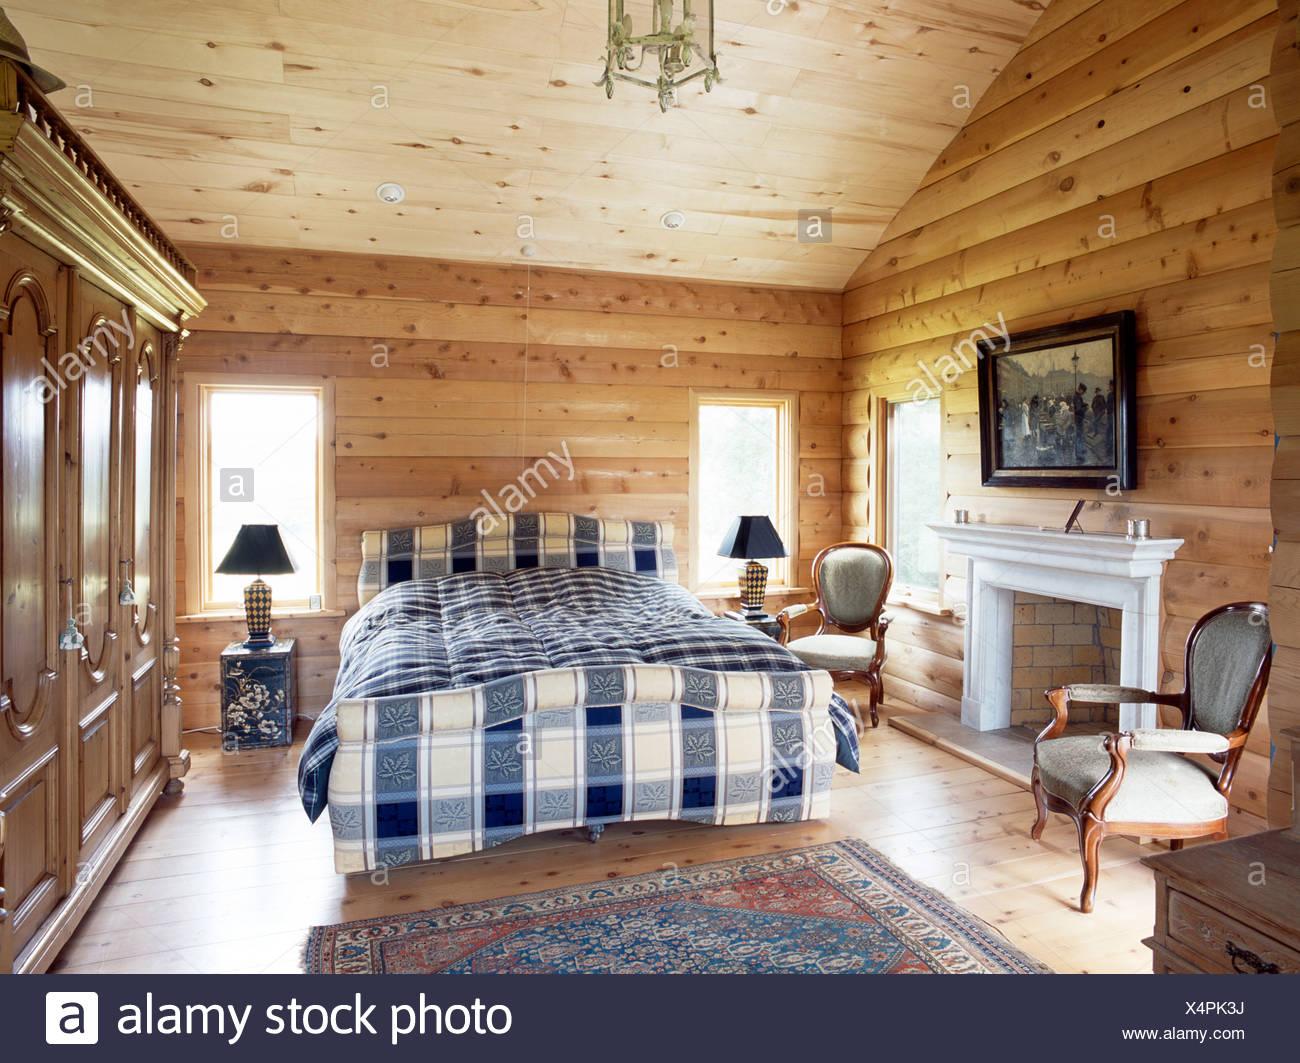 Blaue + Weiße Bettwäsche Auf Bett Im Land Schlafzimmer Mit Kiefern Log  Getäfelten Wände Und Die Decke Kiefer